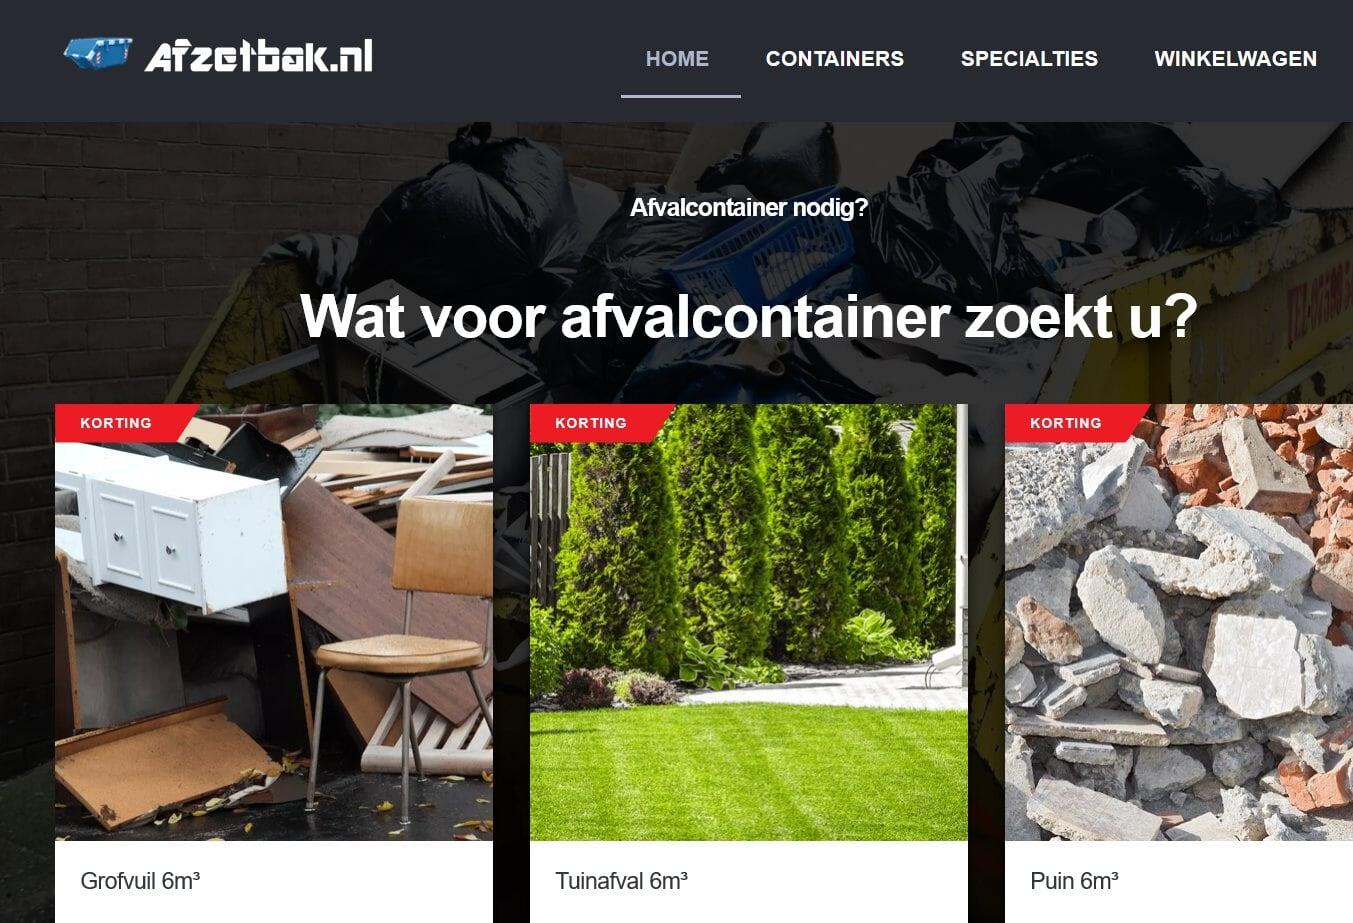 MHSales – Afzetbak.nl – Rolcontainerservice.nl nieuwe sponsor bij vv Naaldwijk